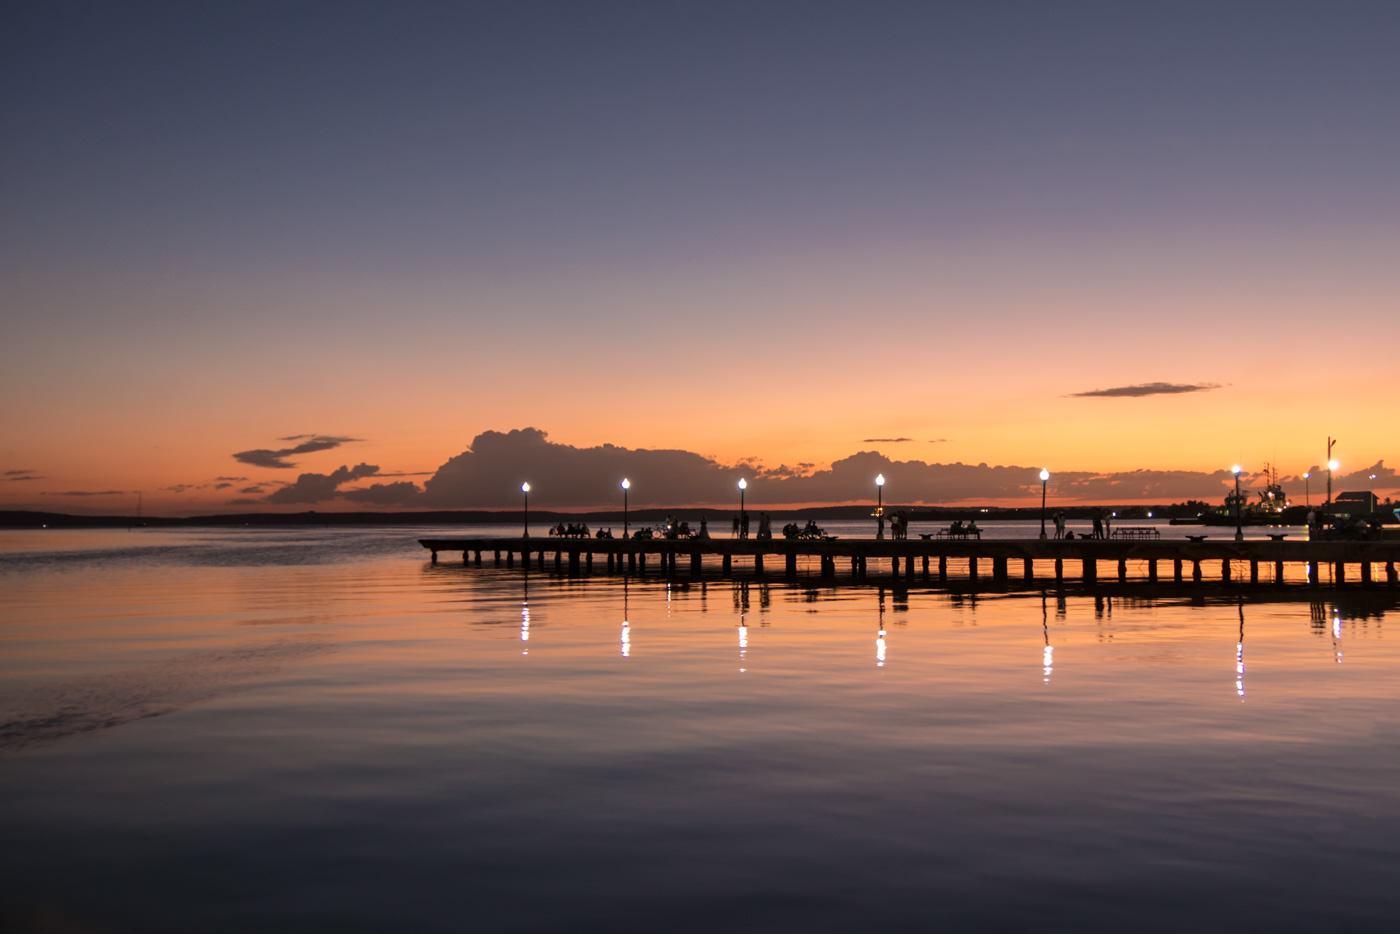 Malerischer Sonnenuntergang in Cienfuegos am Meer